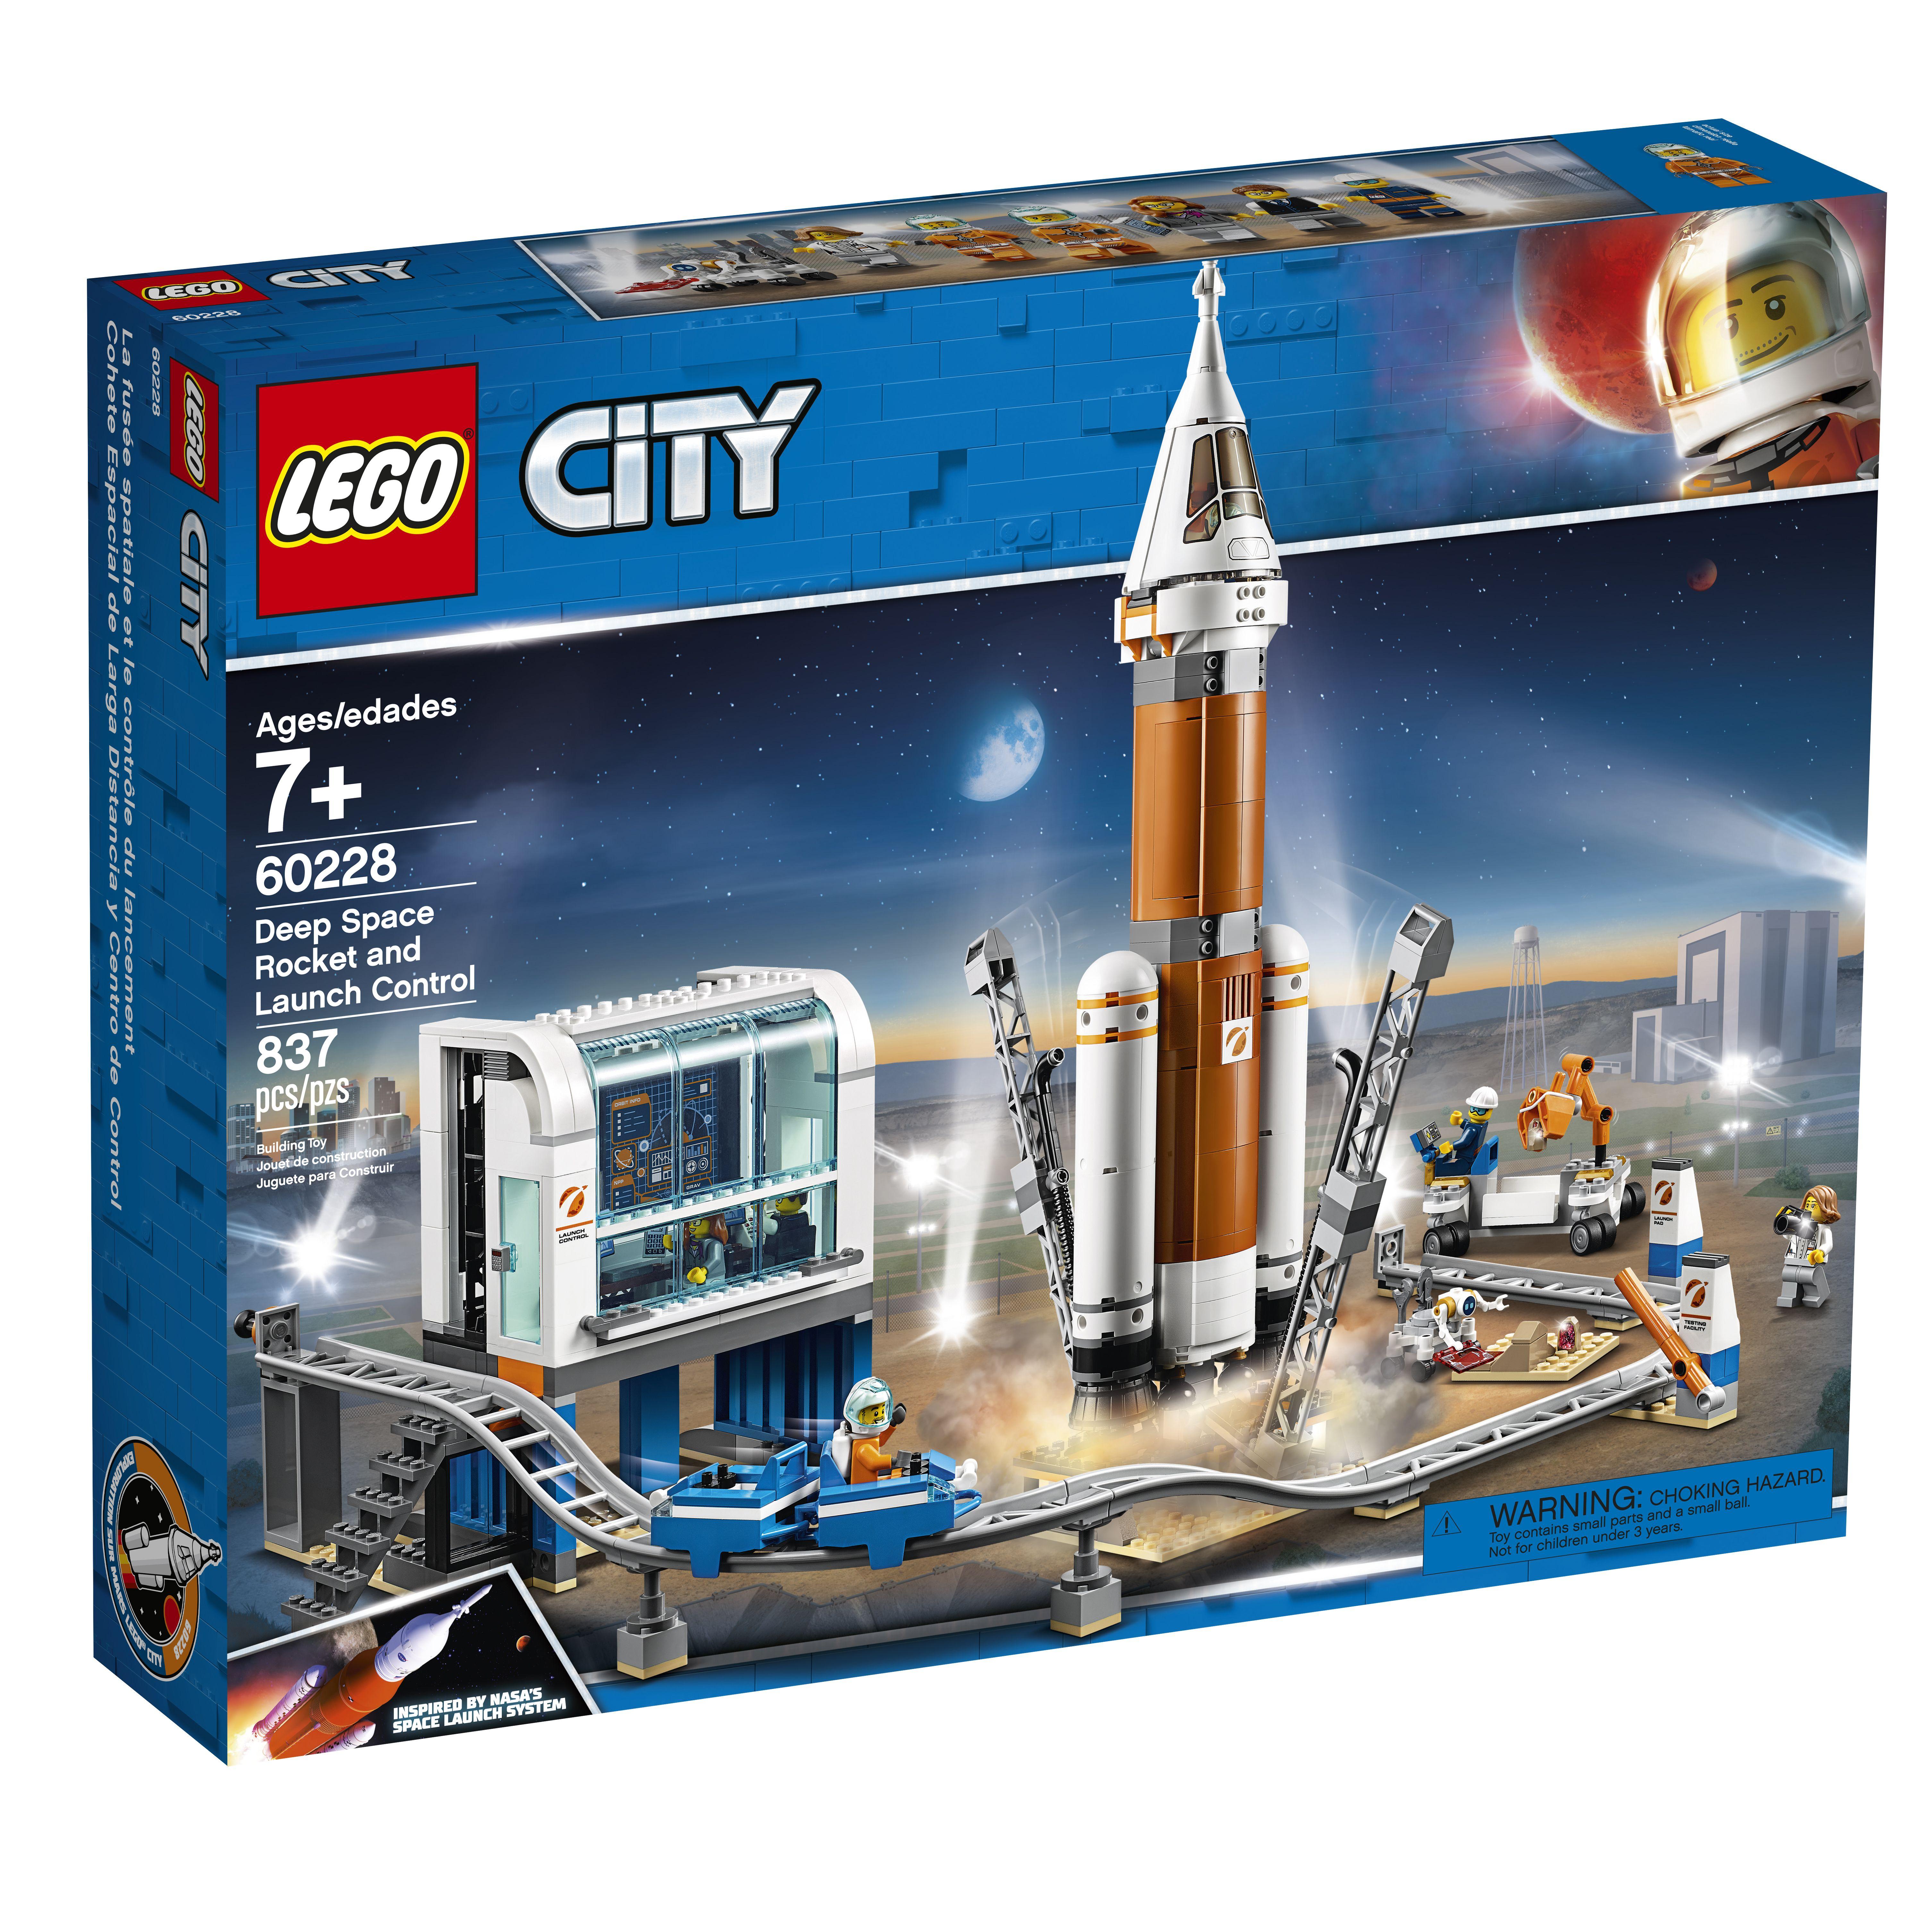 Lego City 1 Baggerschaufel 2 x 4 x 1 in blau